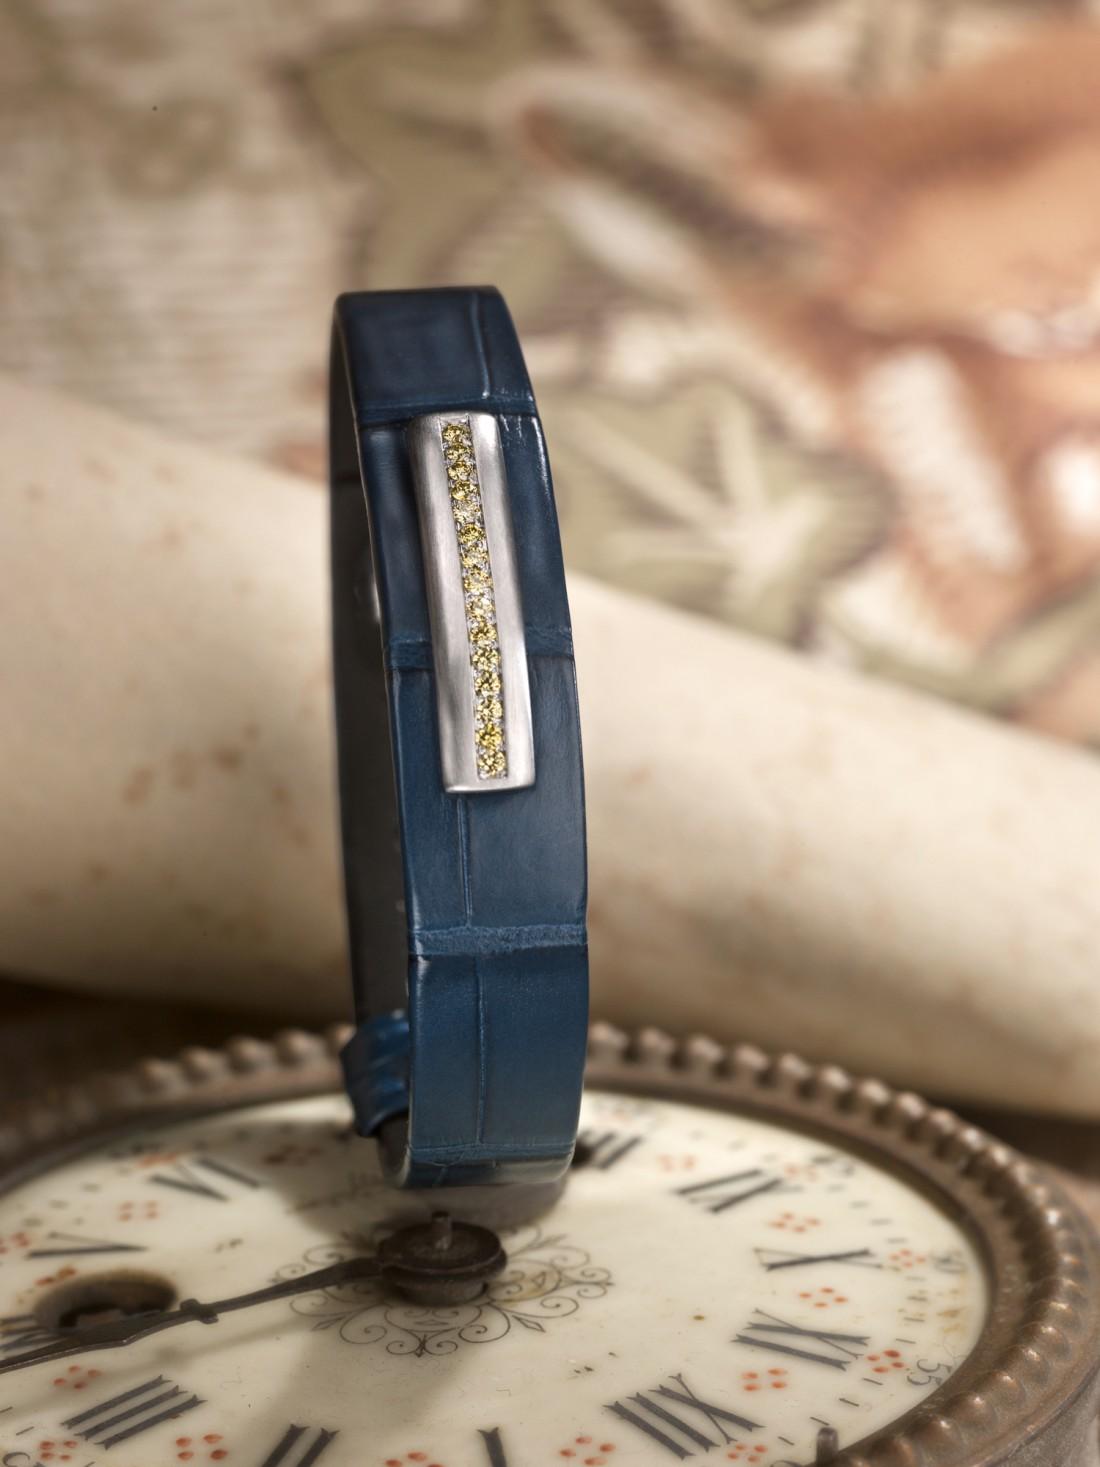 bracelet en cuir pour homme orné d'unebarrette en or brossé gris 18 kt sertie de diamants jaunes. Ce bracelet pour homme est monté sur un alligator bleu gitane mat.